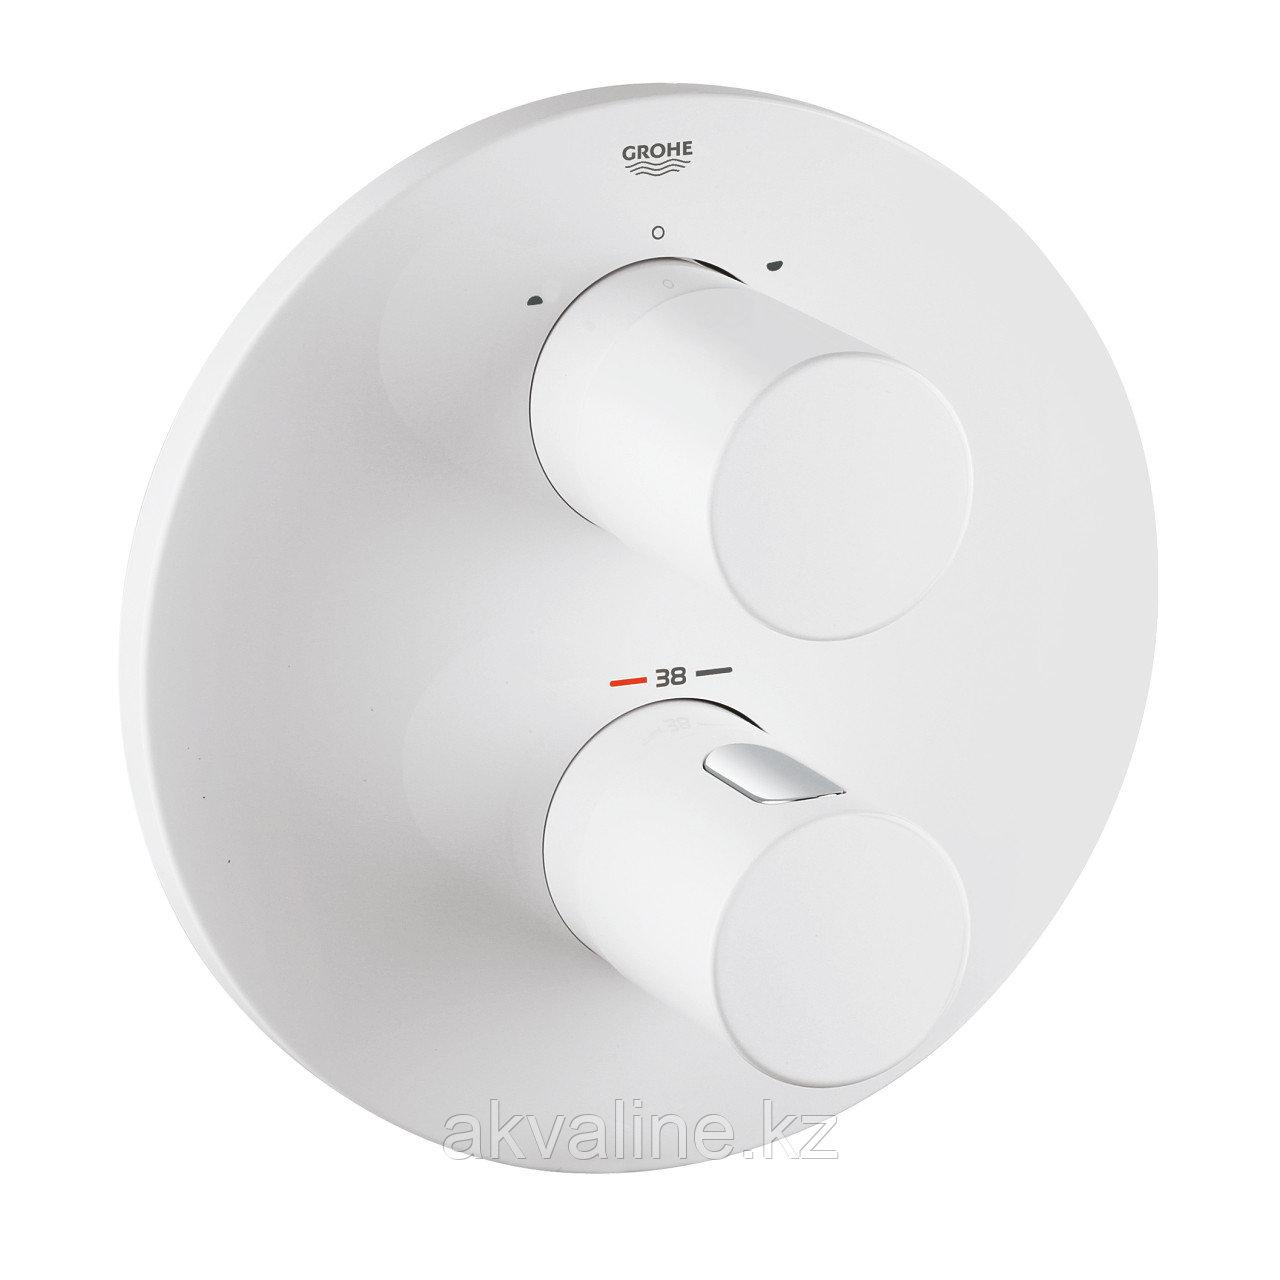 Комплект термостат для ванны с внутренней частью, душевой набор, верхний душ с кронштейном, белый цвет